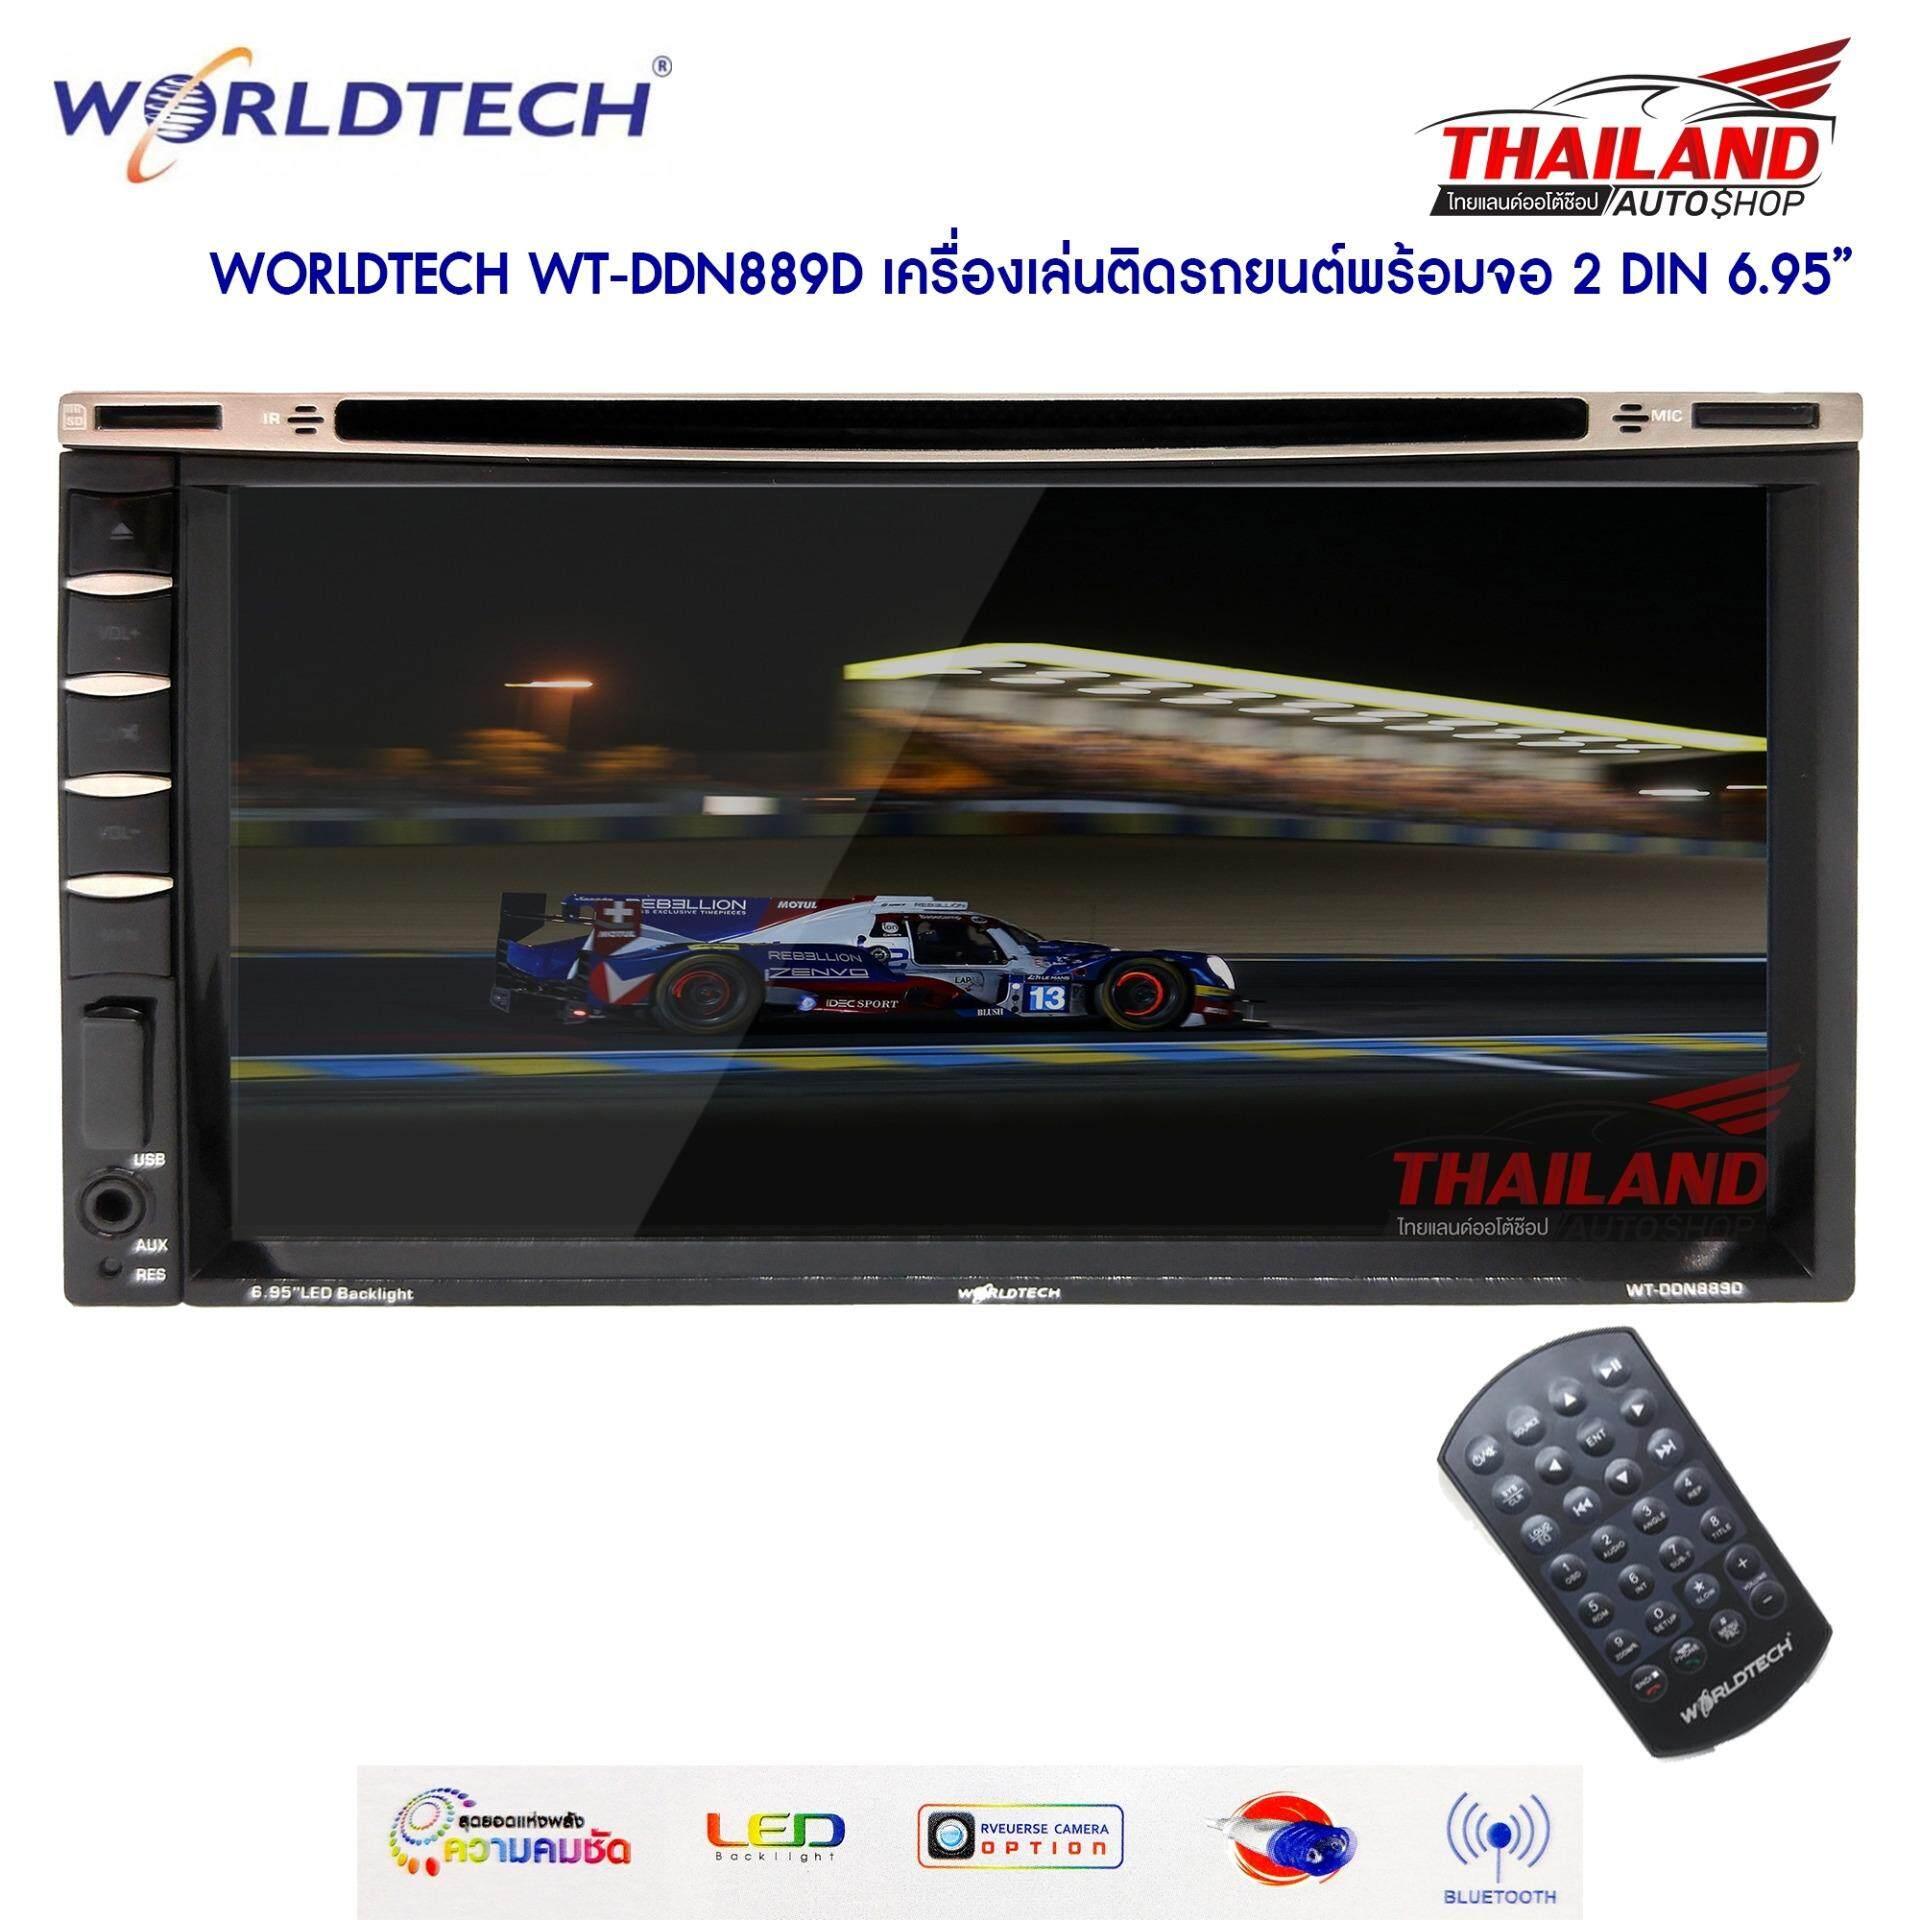 ราคา Worldtech Wt Ddn889Dเครื่องเล่นติดรถยนต์พร้อมจอ 2 Din 6 95